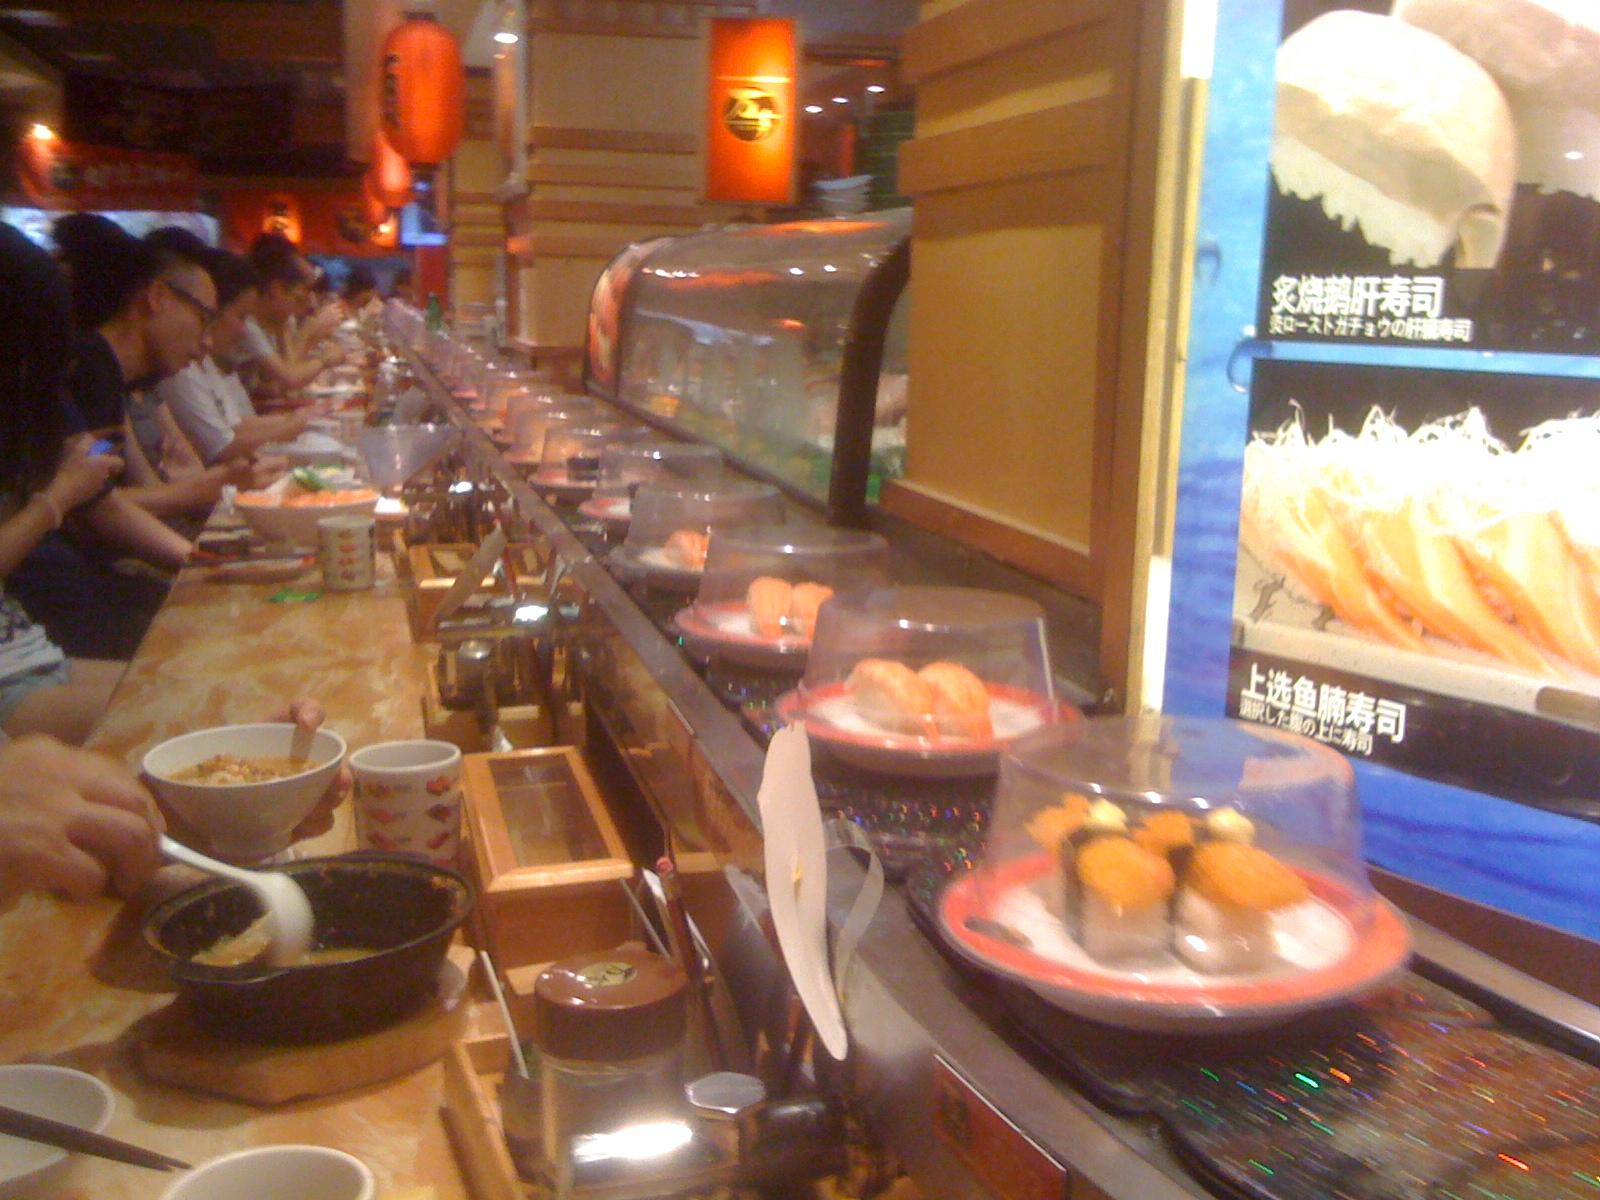 中国で回転寿司を食してみる